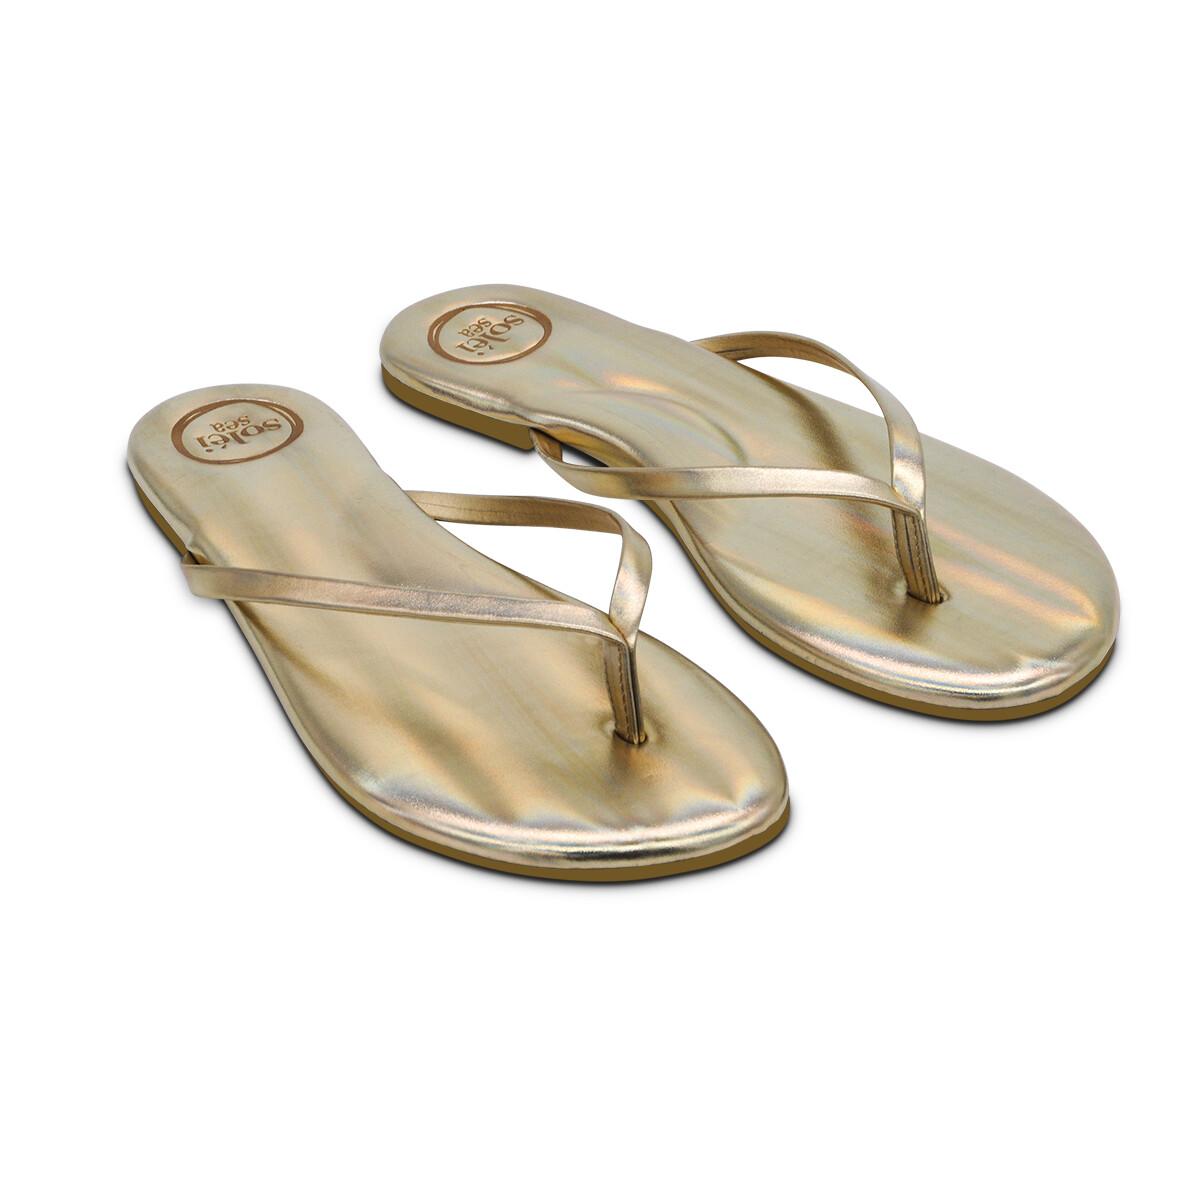 Solei Sea, Flip Flops, Metallic Gold